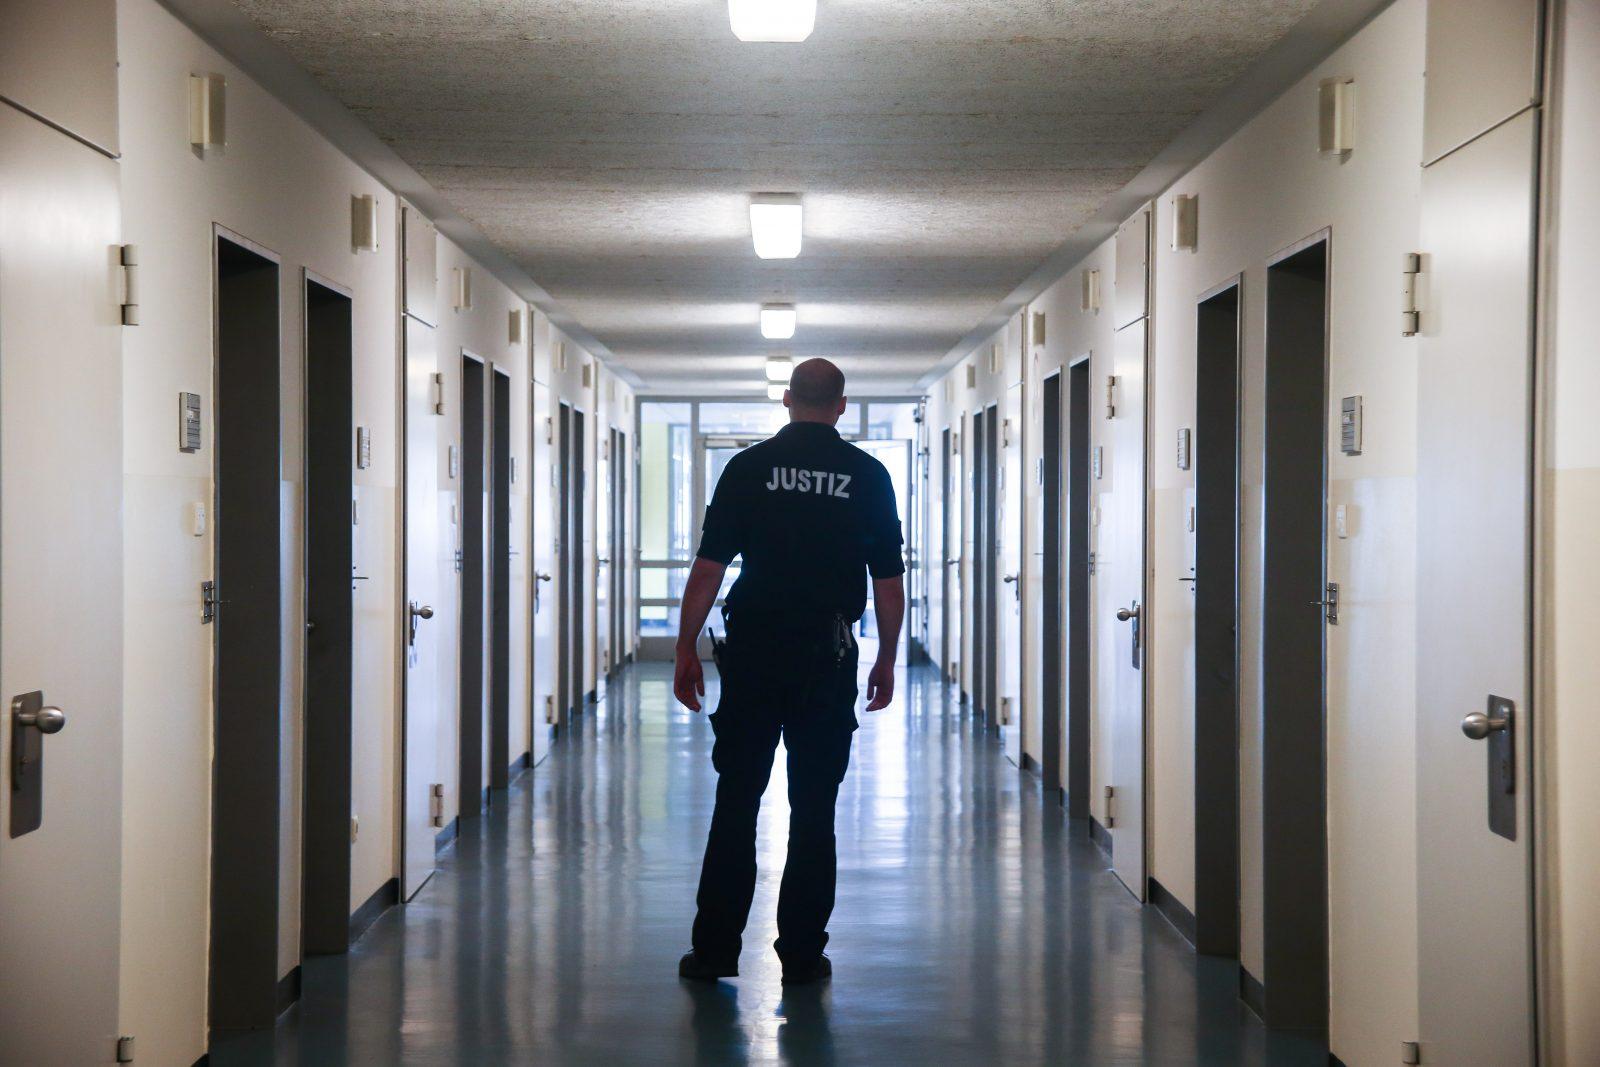 Die Versorgung ausländischer Häftlinge in Hamburger Gefängnisses kostet 70 Millionen Euro (Symbolbild) Foto: picture alliance / Ulrich Perrey/dpa | Ulrich Perrey